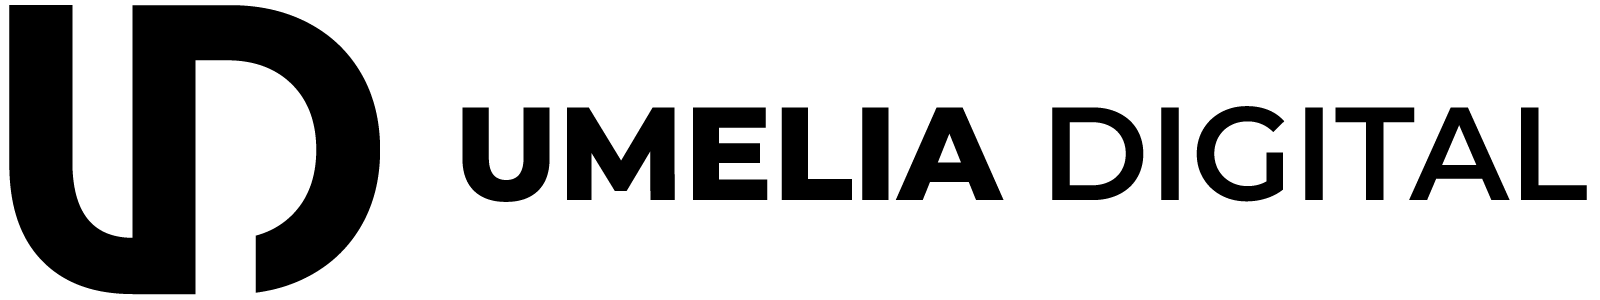 Umelia Digital